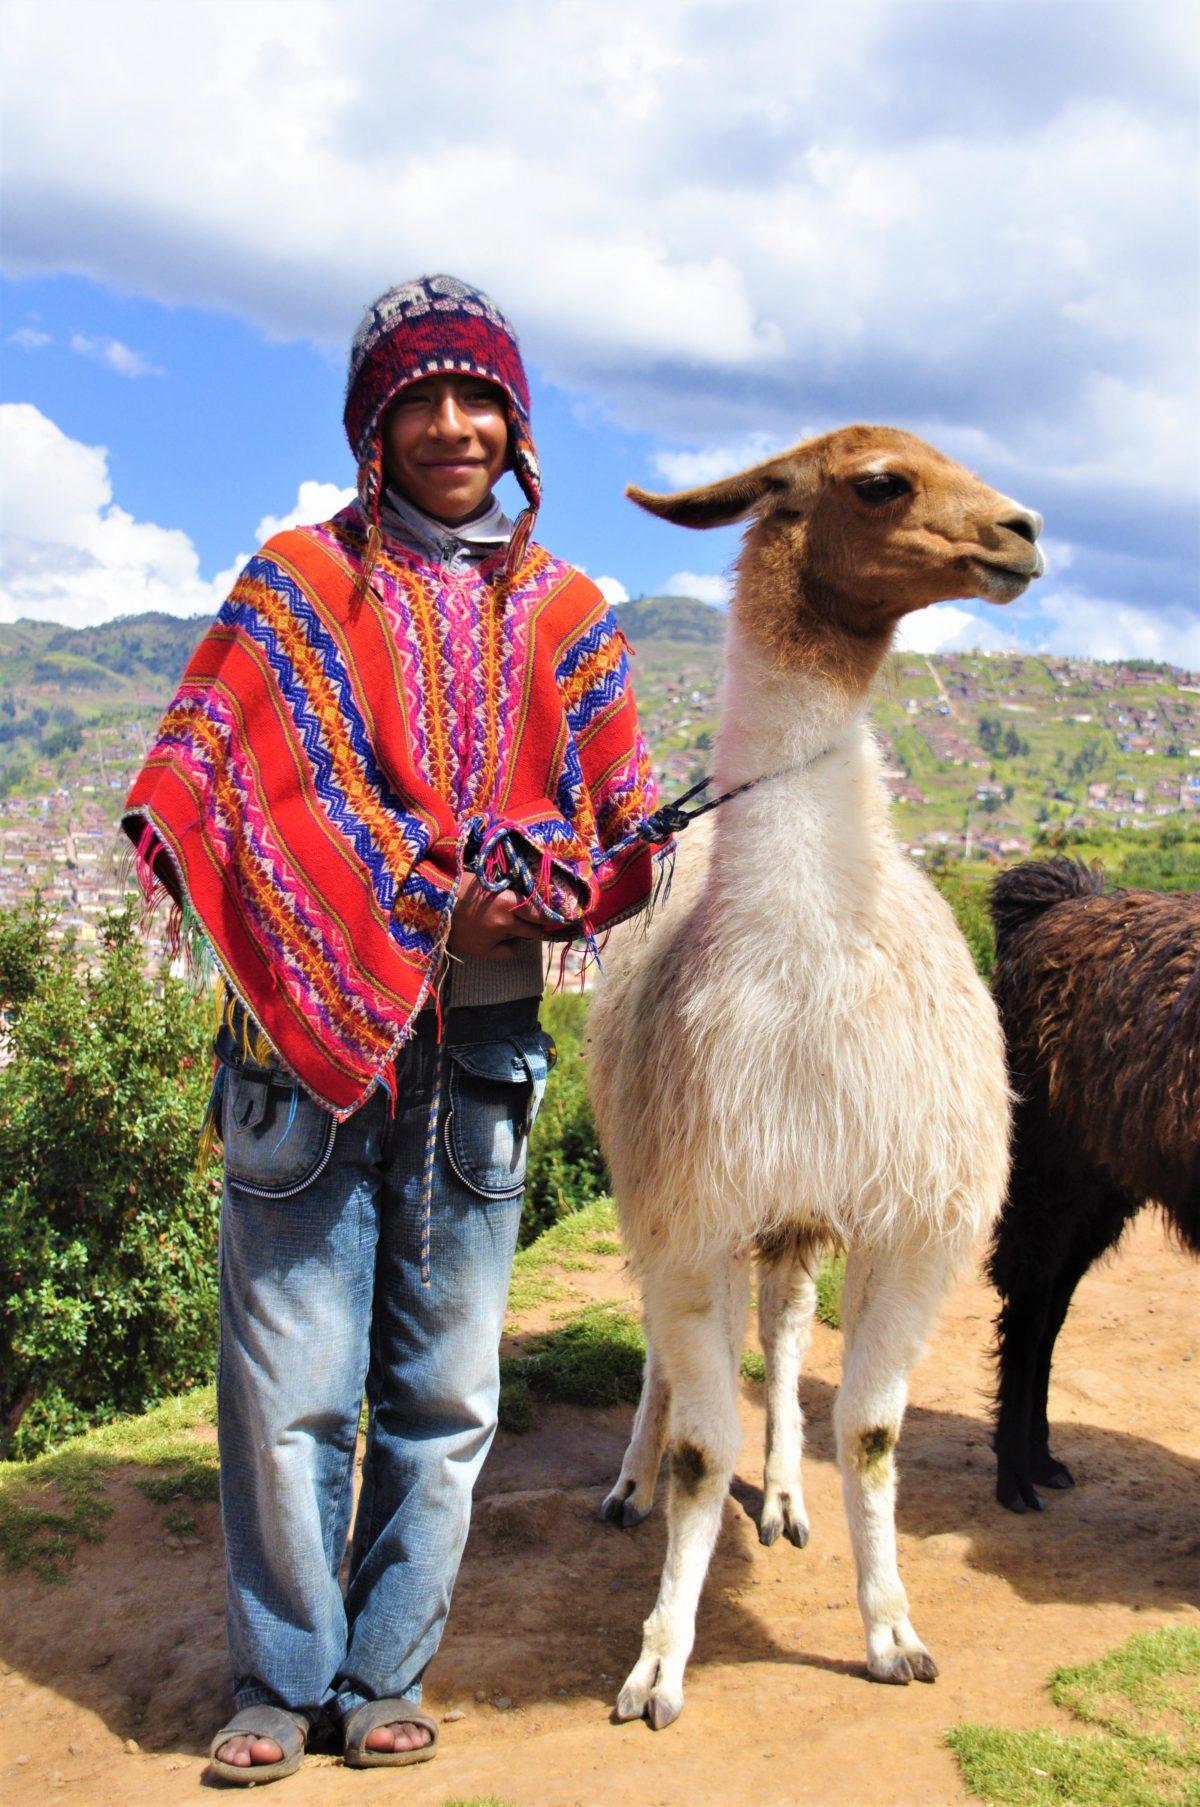 Do dziś potomkowie Inków korzystają z tradycyjnych środków transportu